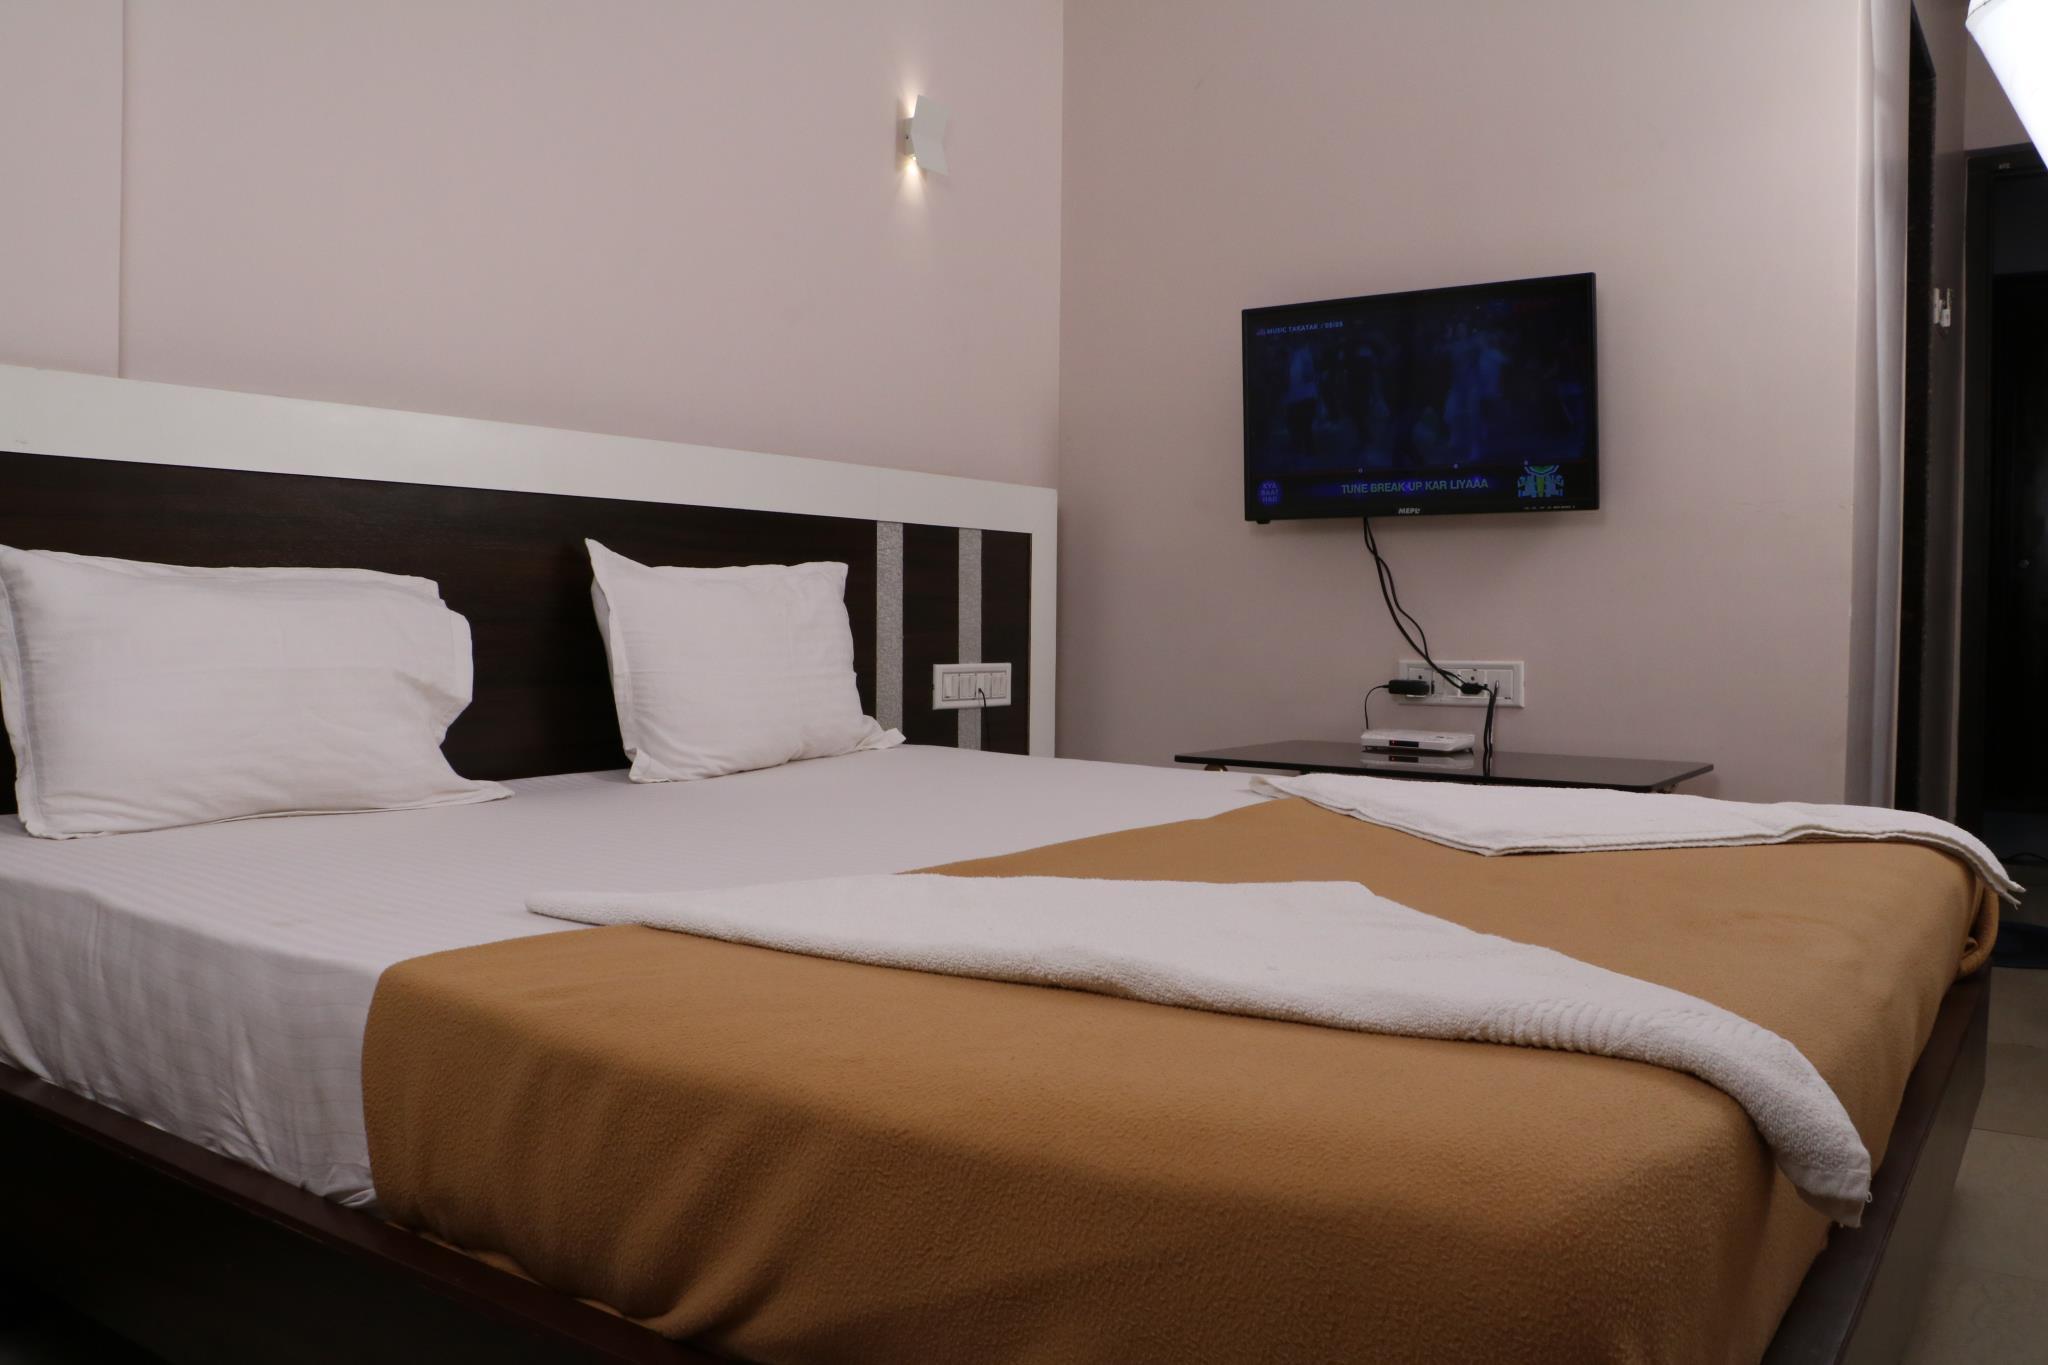 HOTEL REGENCY VASAI